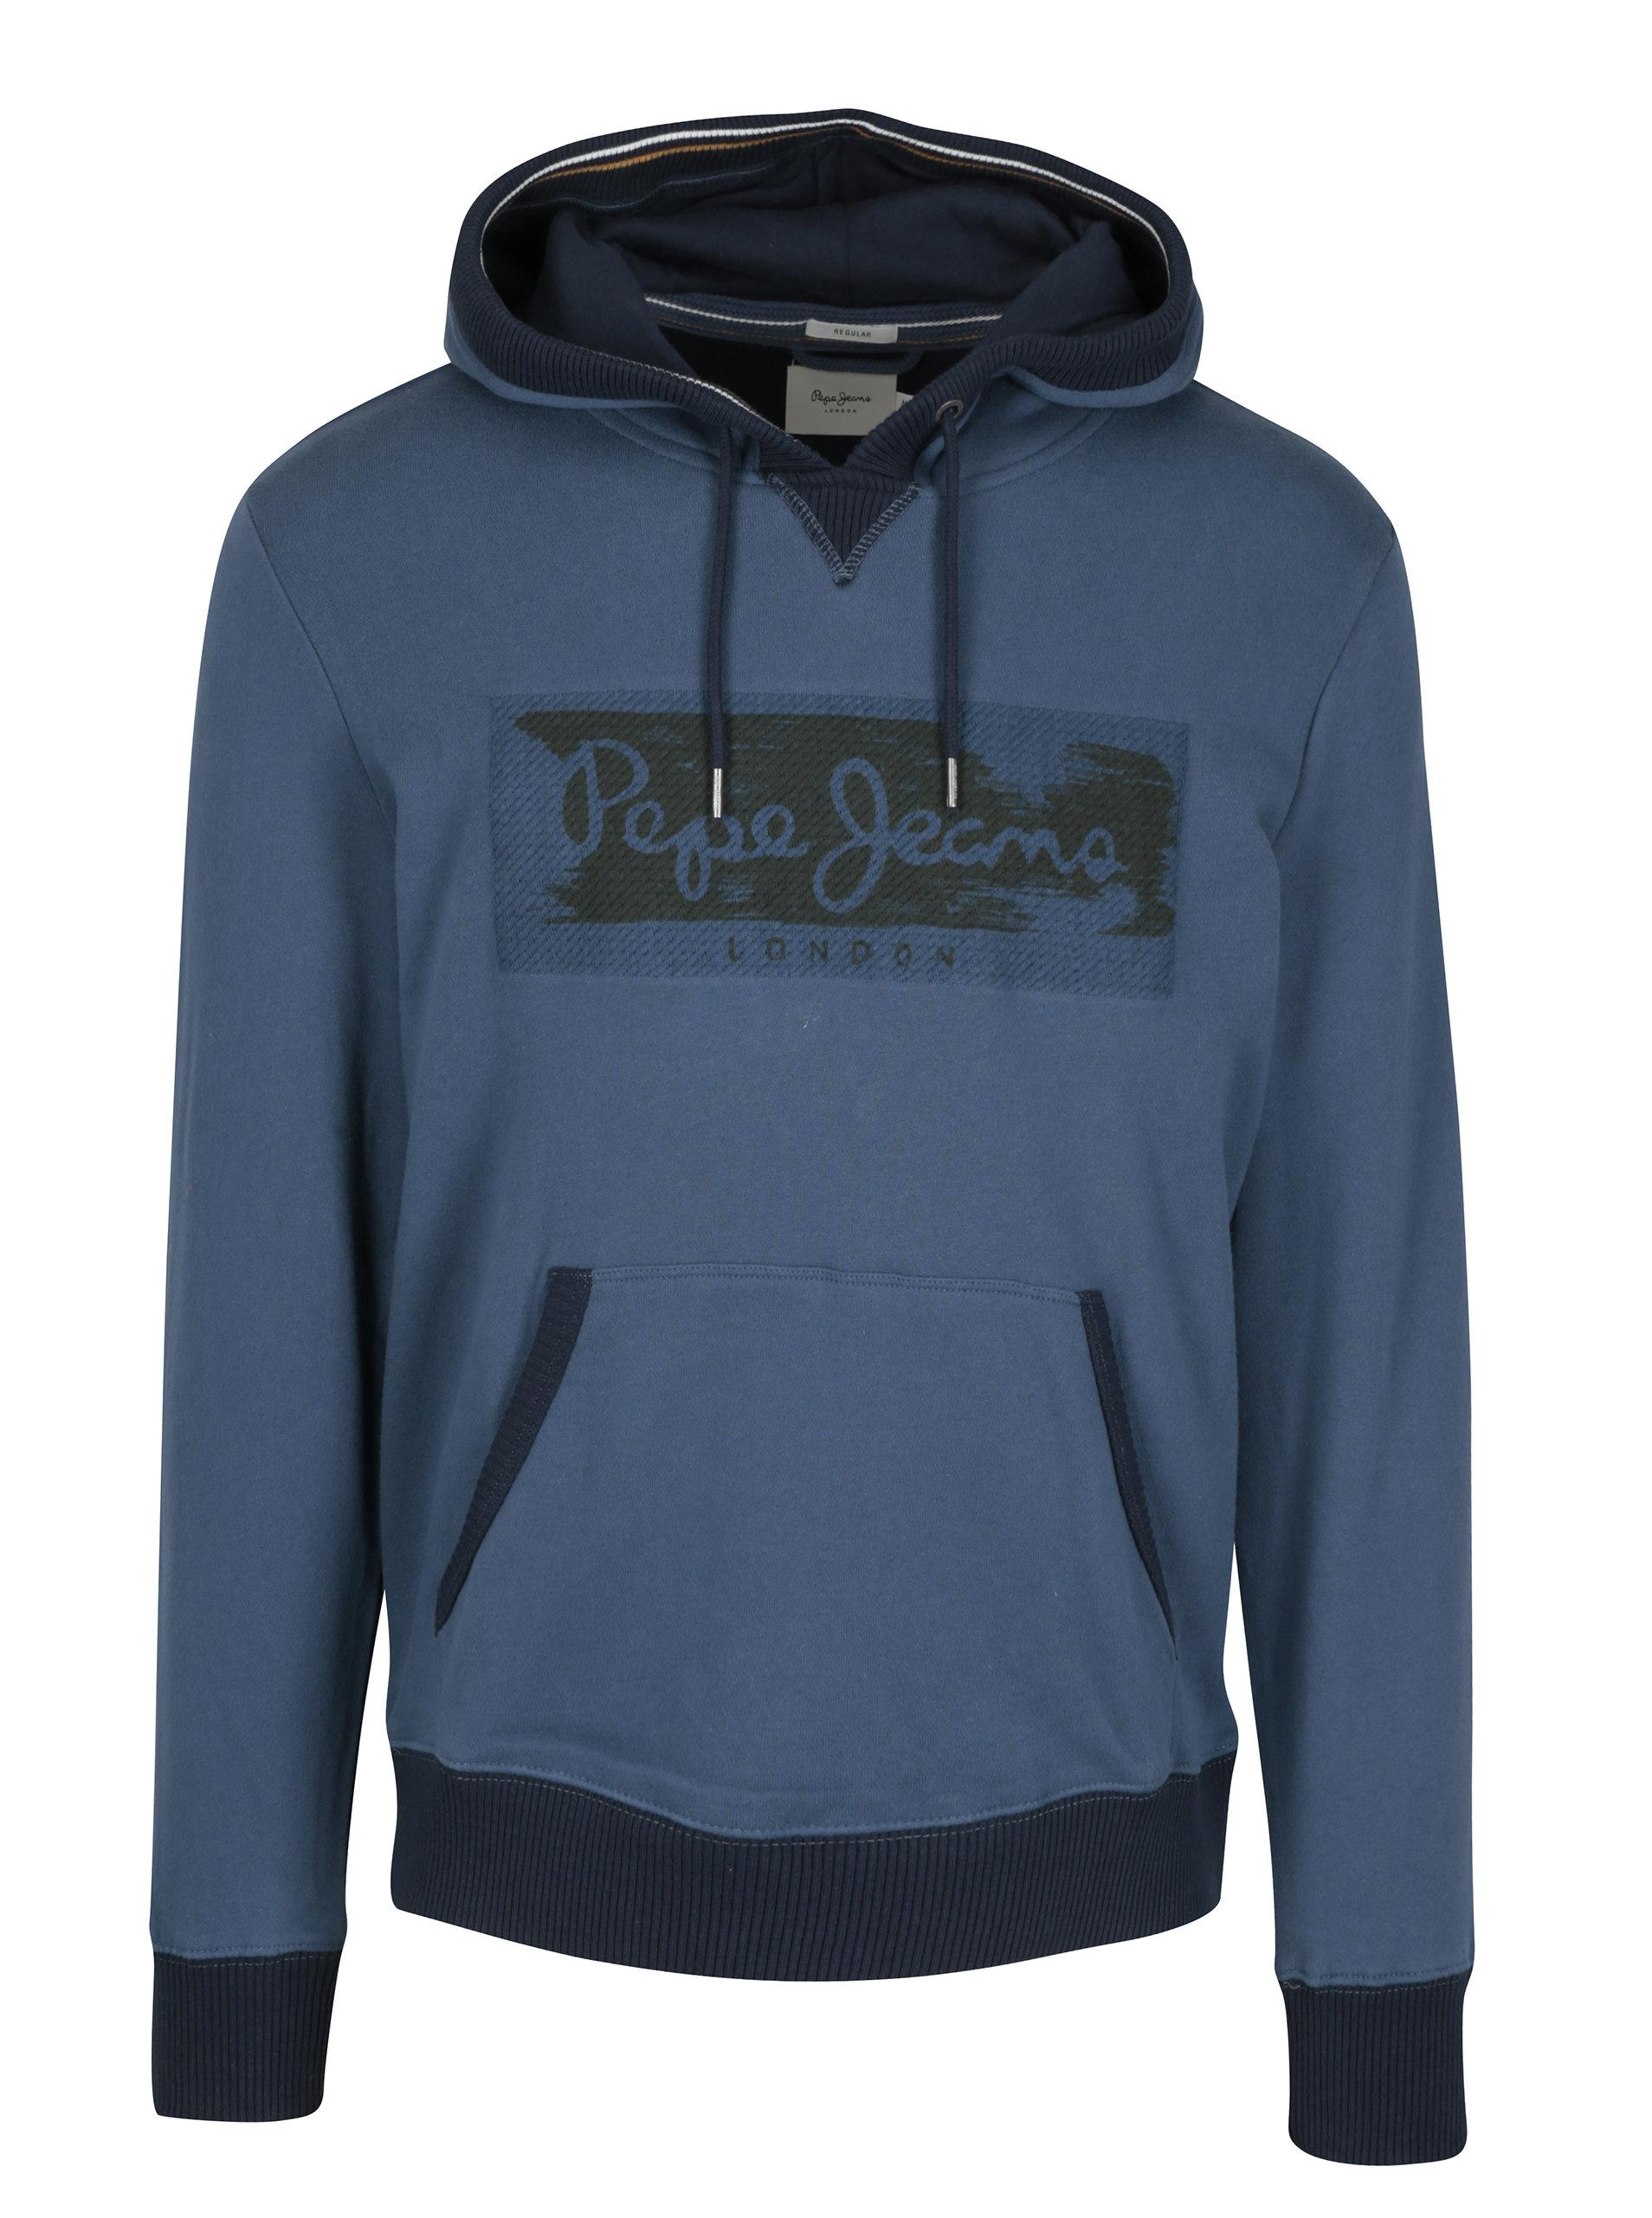 Modrá pánská mikina s výšivkou a kapucí Pepe Jeans WOODWARD ... 493c45d32c